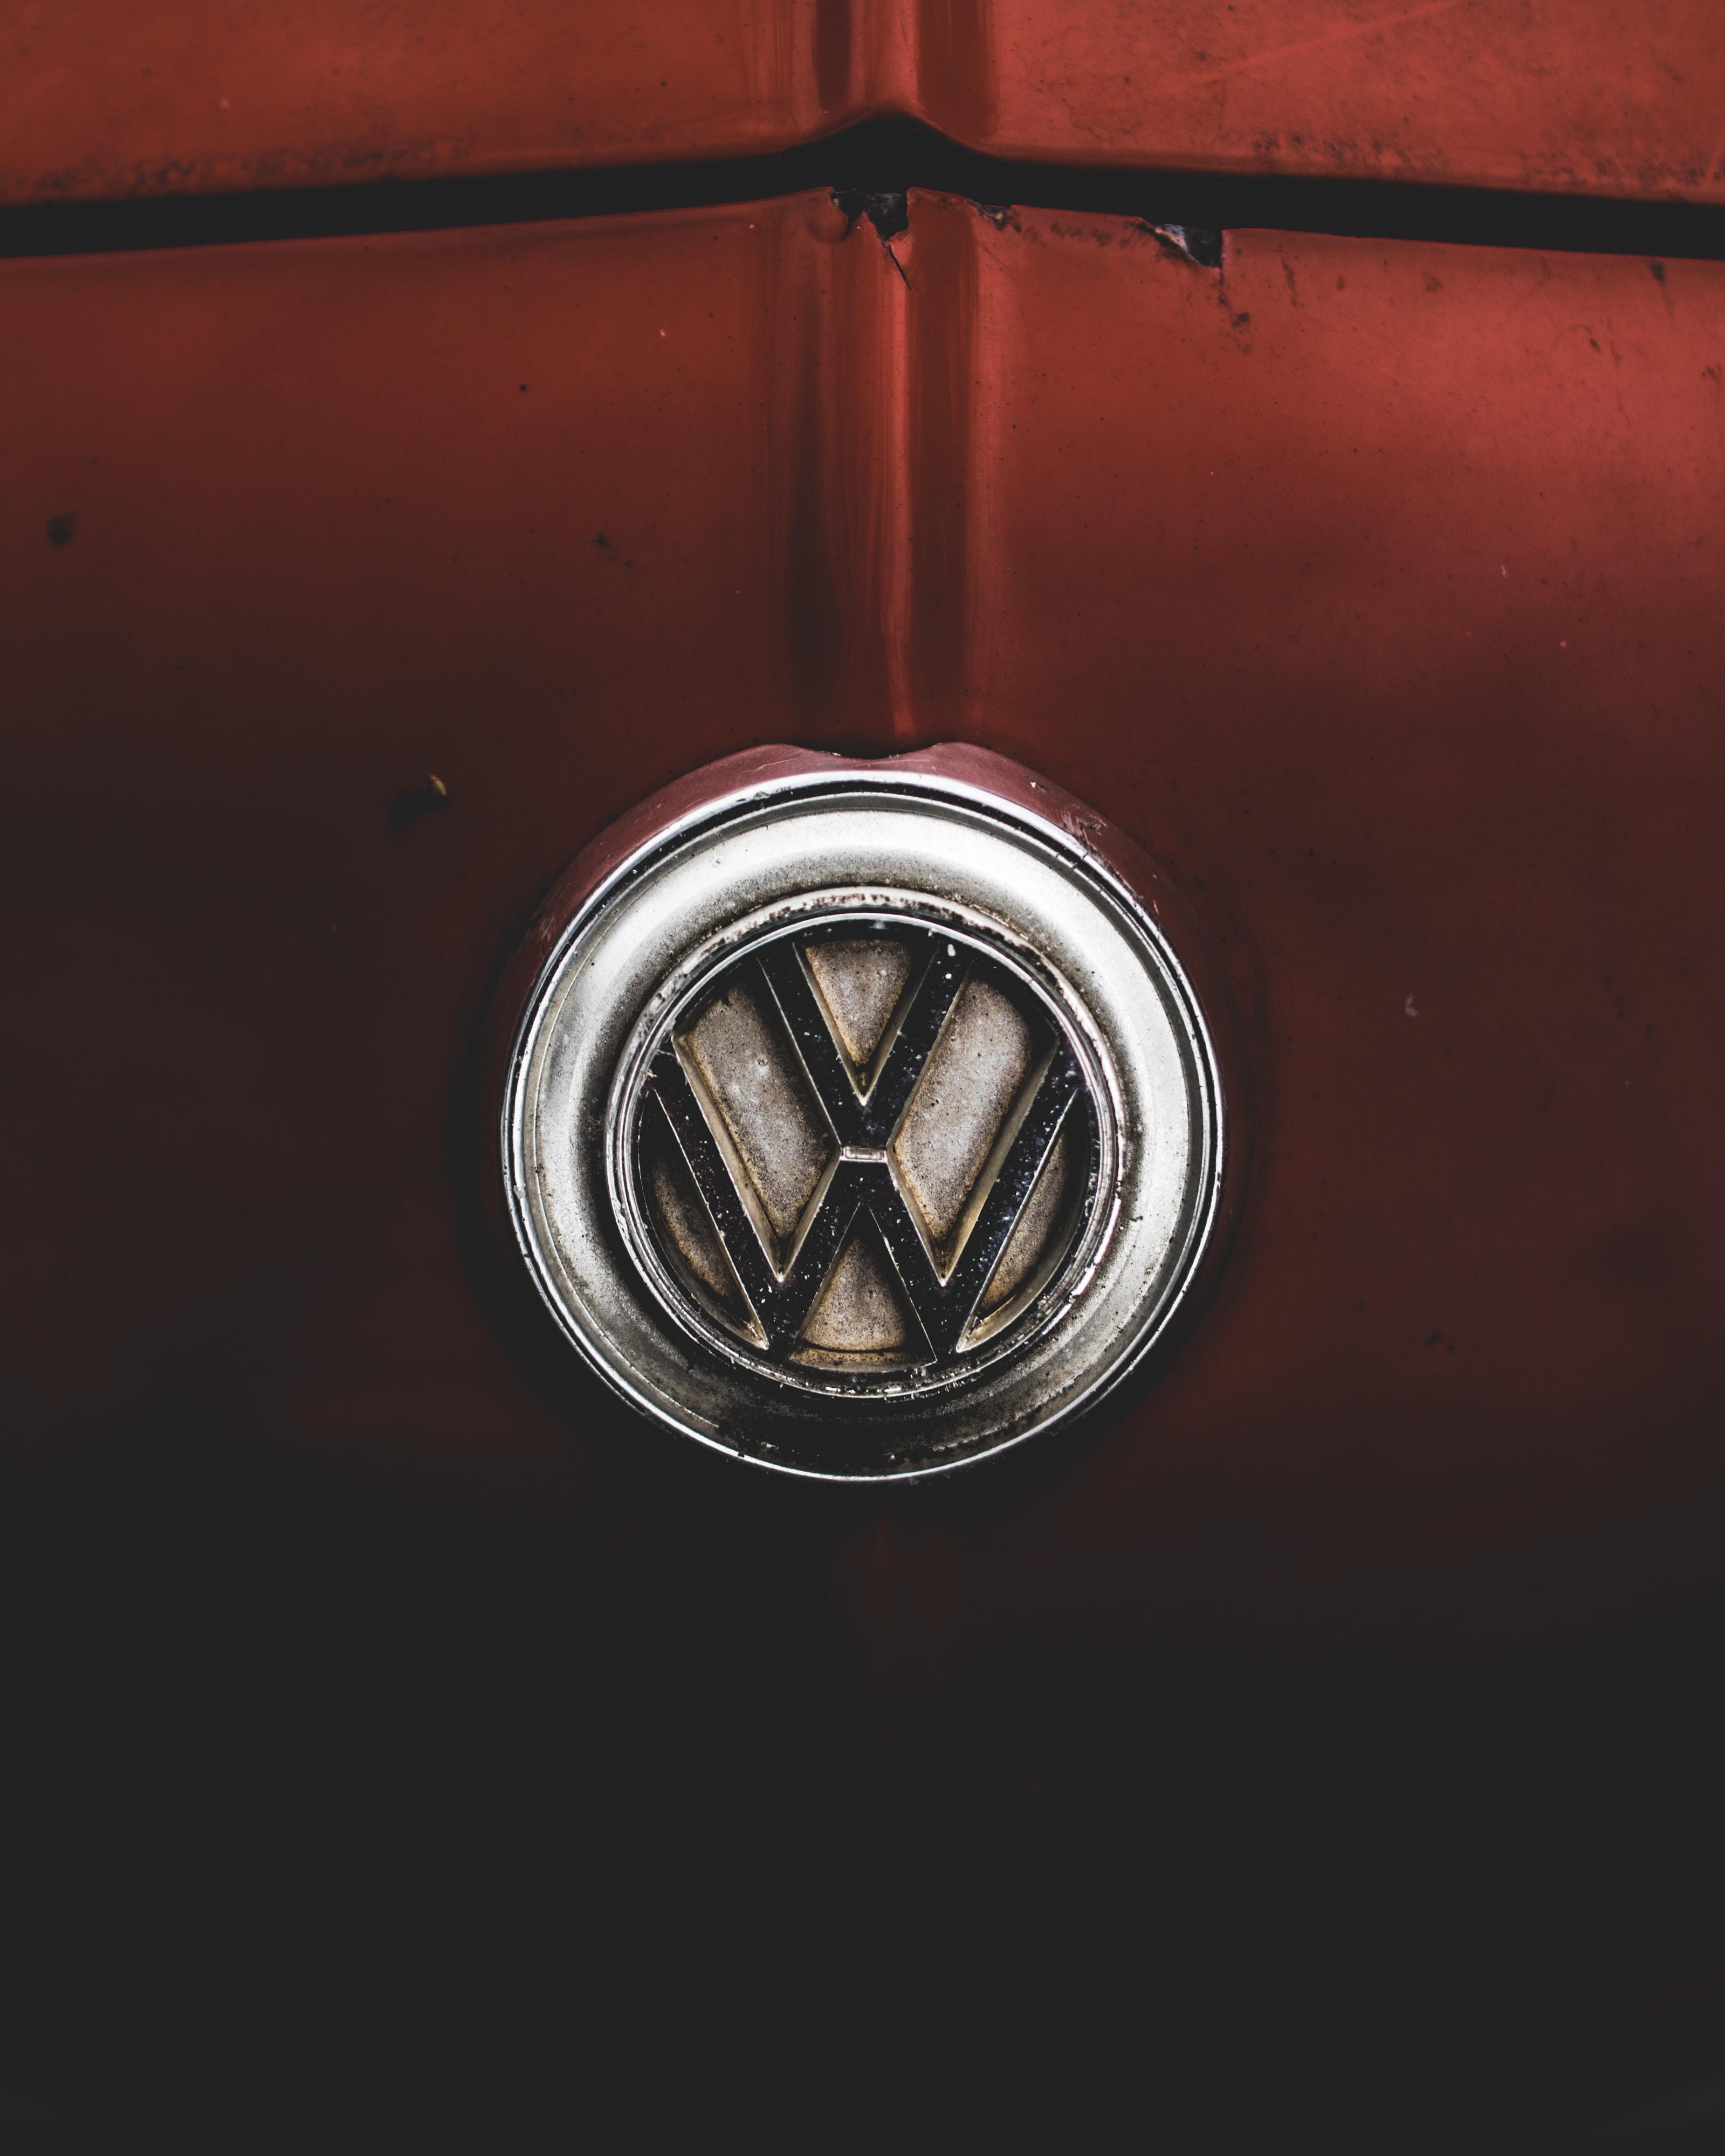 silver-colored Volkswagen emblem